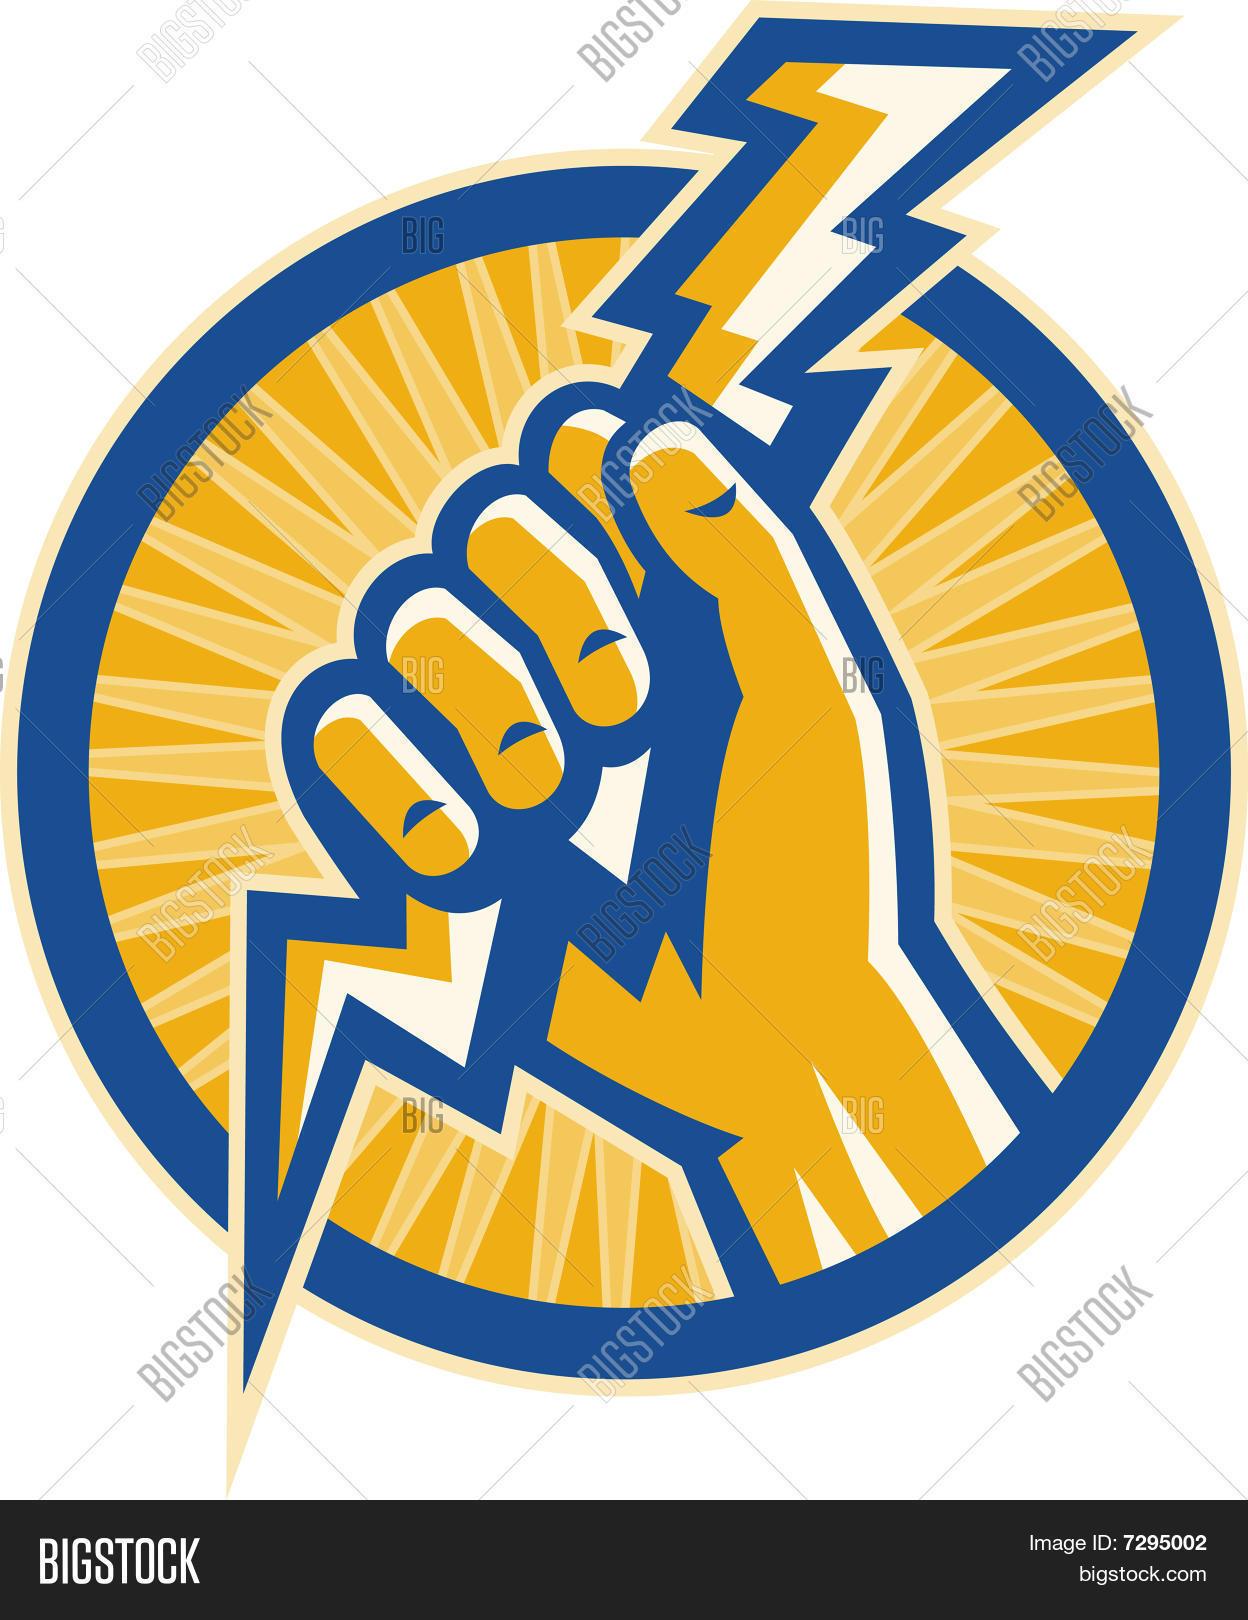 Hand Holding Lightning Bolt Image  for Electricity Lightning Bolt  76uhy